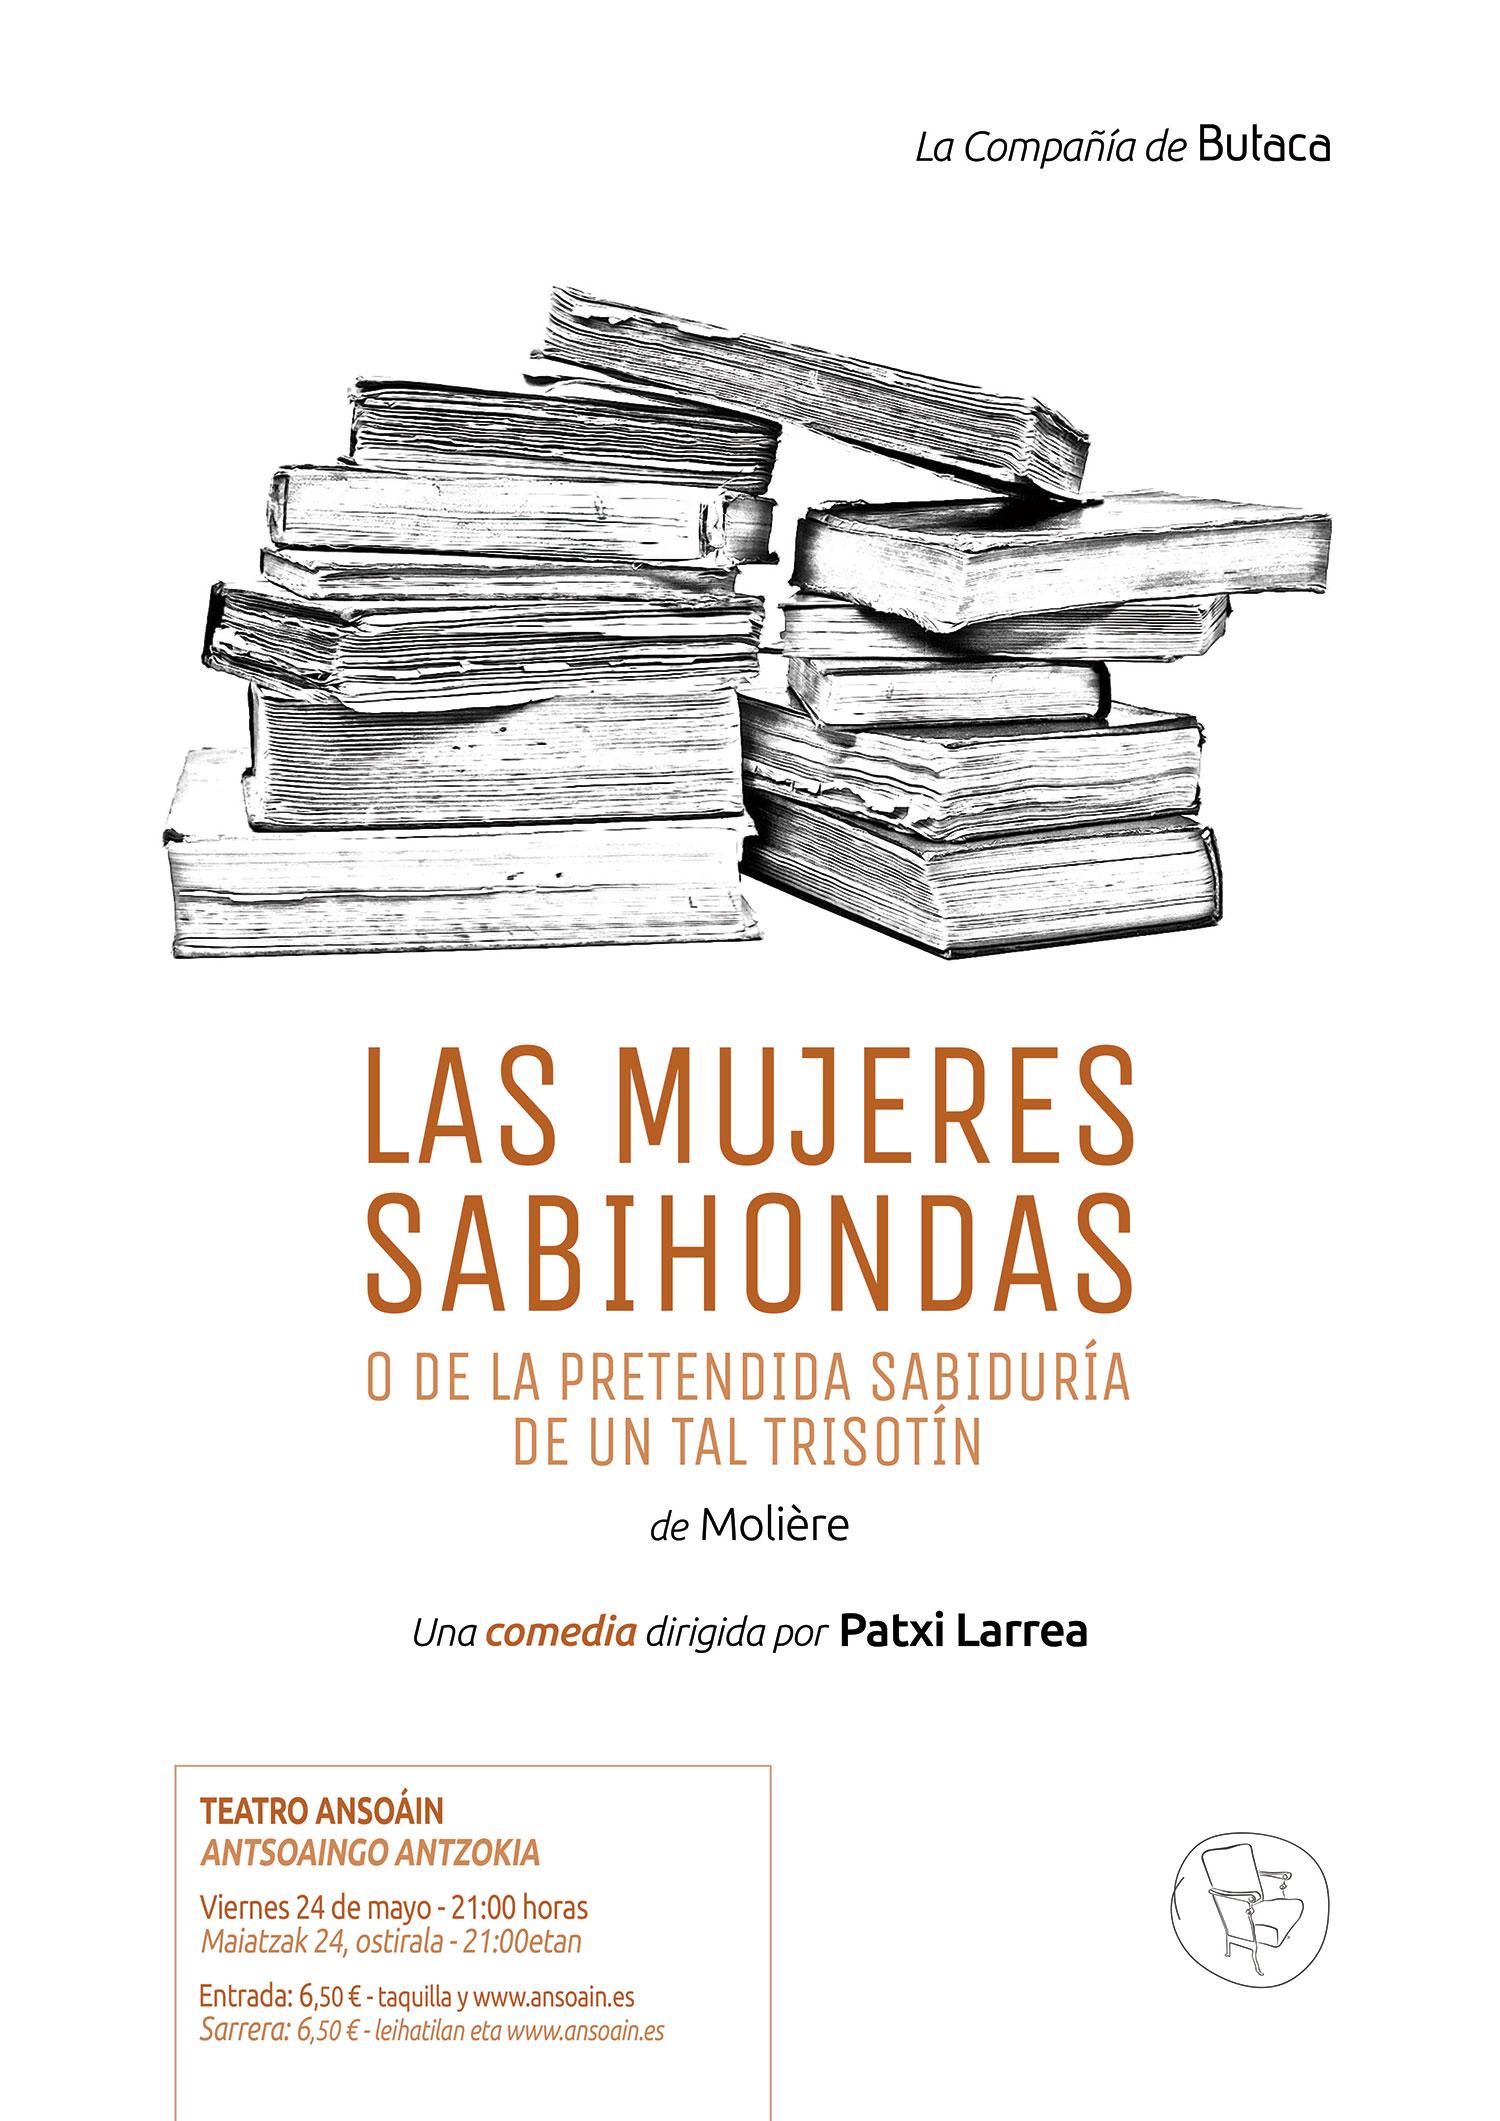 Cartel de teatro Las mujeres sabihondas